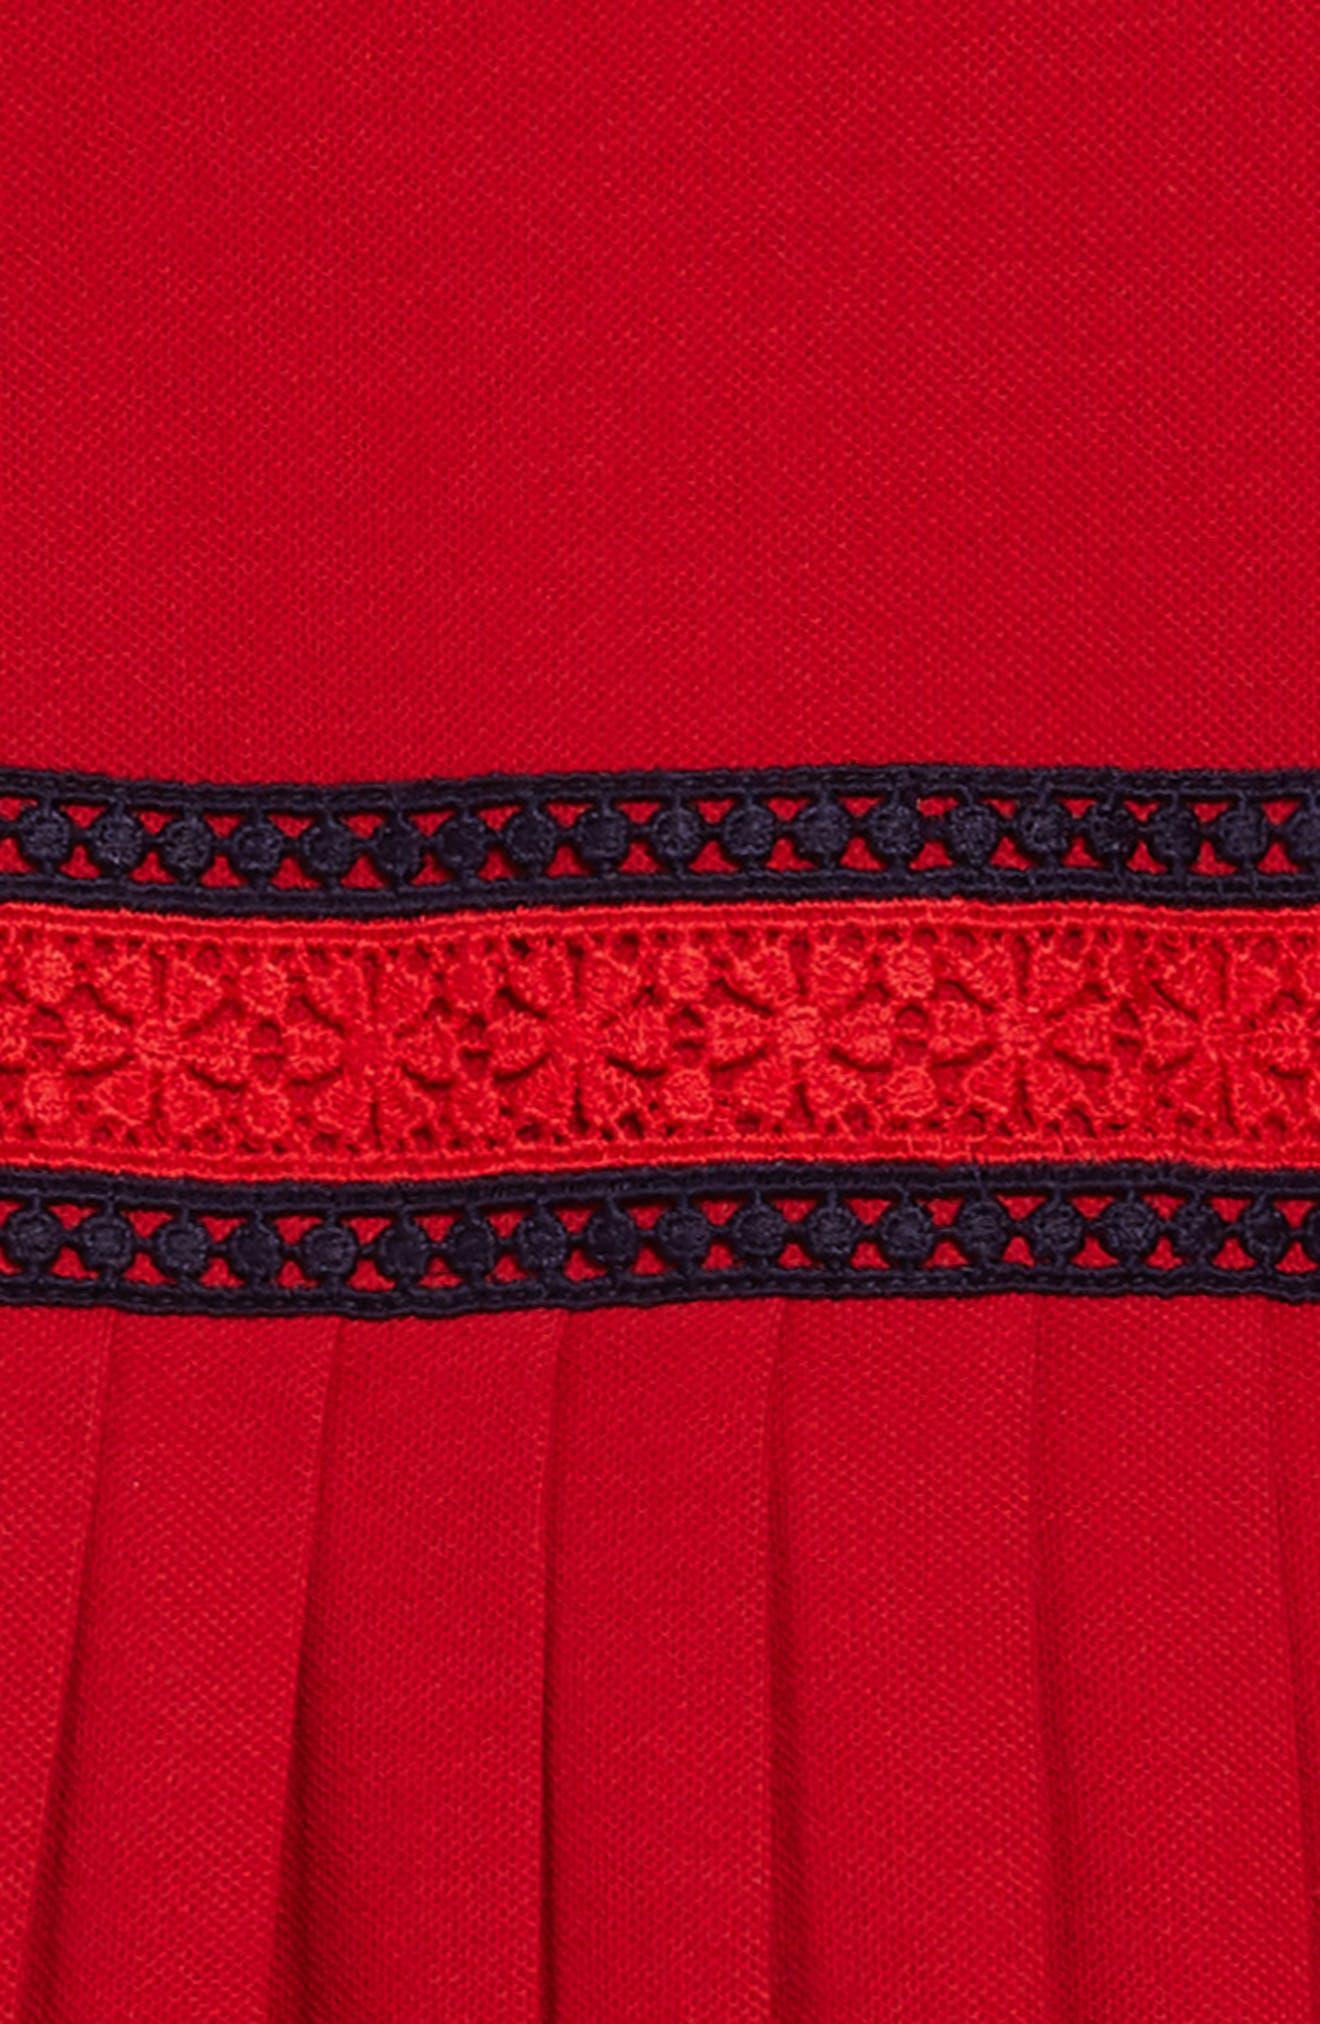 Piqué Cotton Pleat Dress,                             Alternate thumbnail 3, color,                             Cerese/ Nero